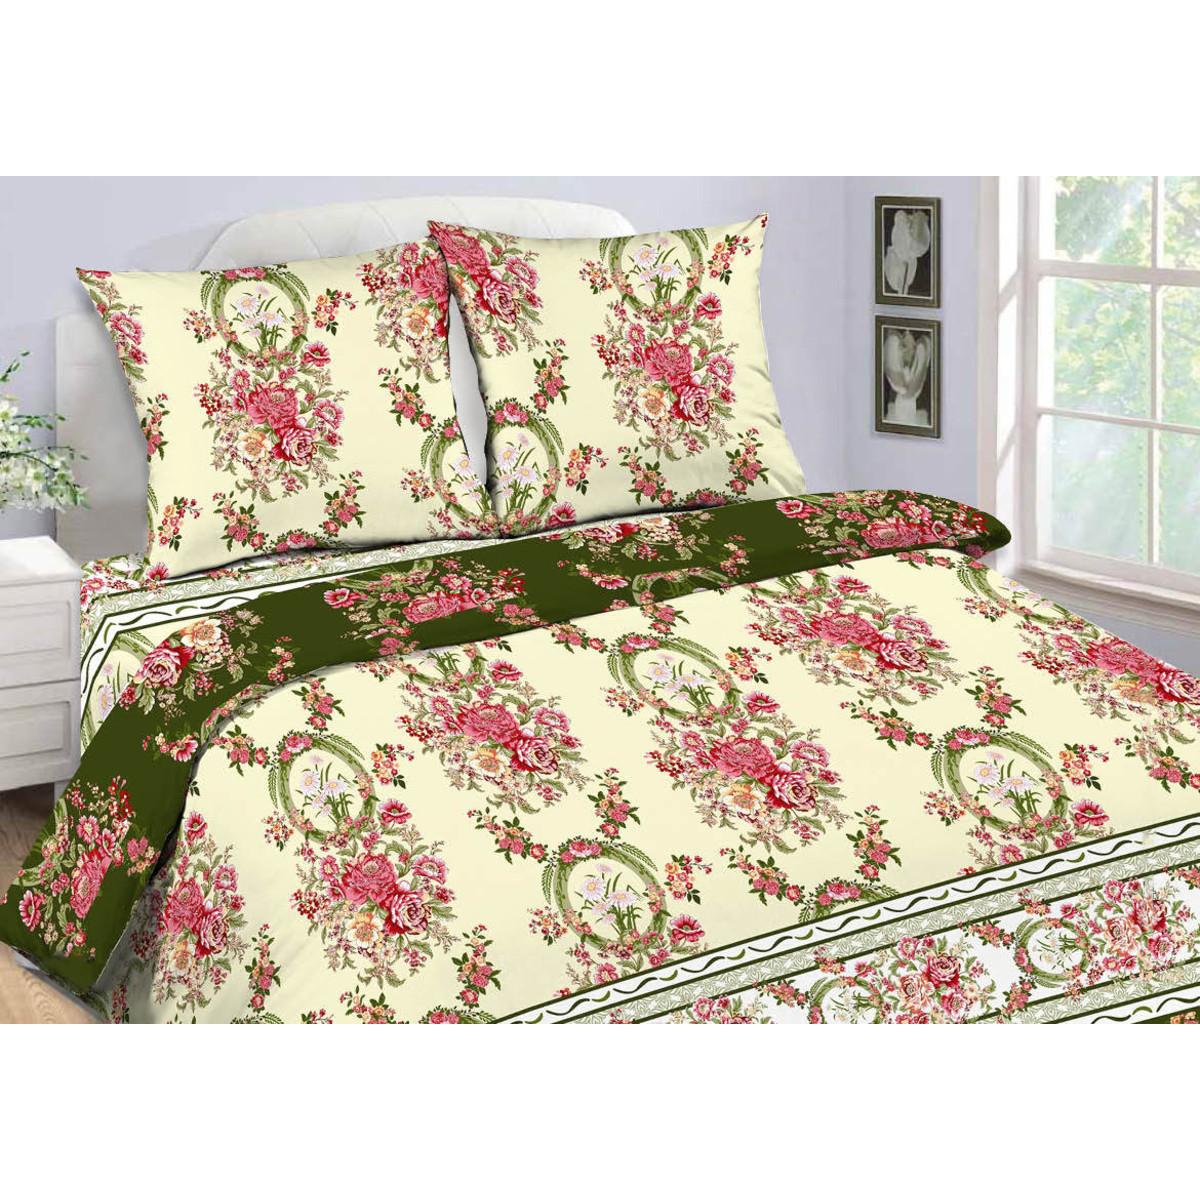 Комлплект постельного белья двуспальный «Диана» бязь